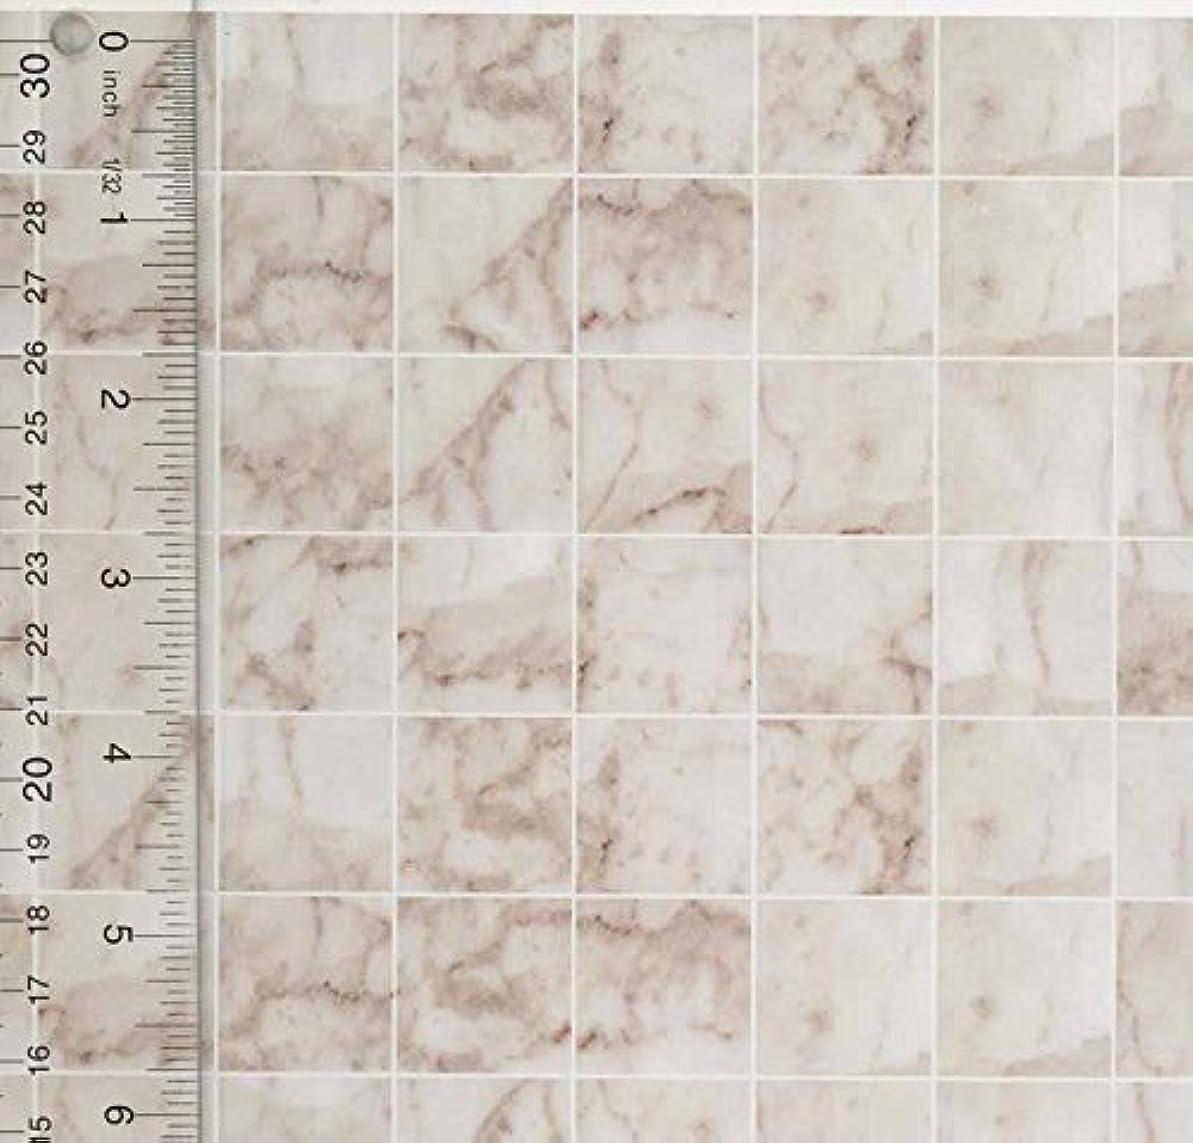 ミンチ真夜中シュートMiniature Square White Marble Tile Flooring